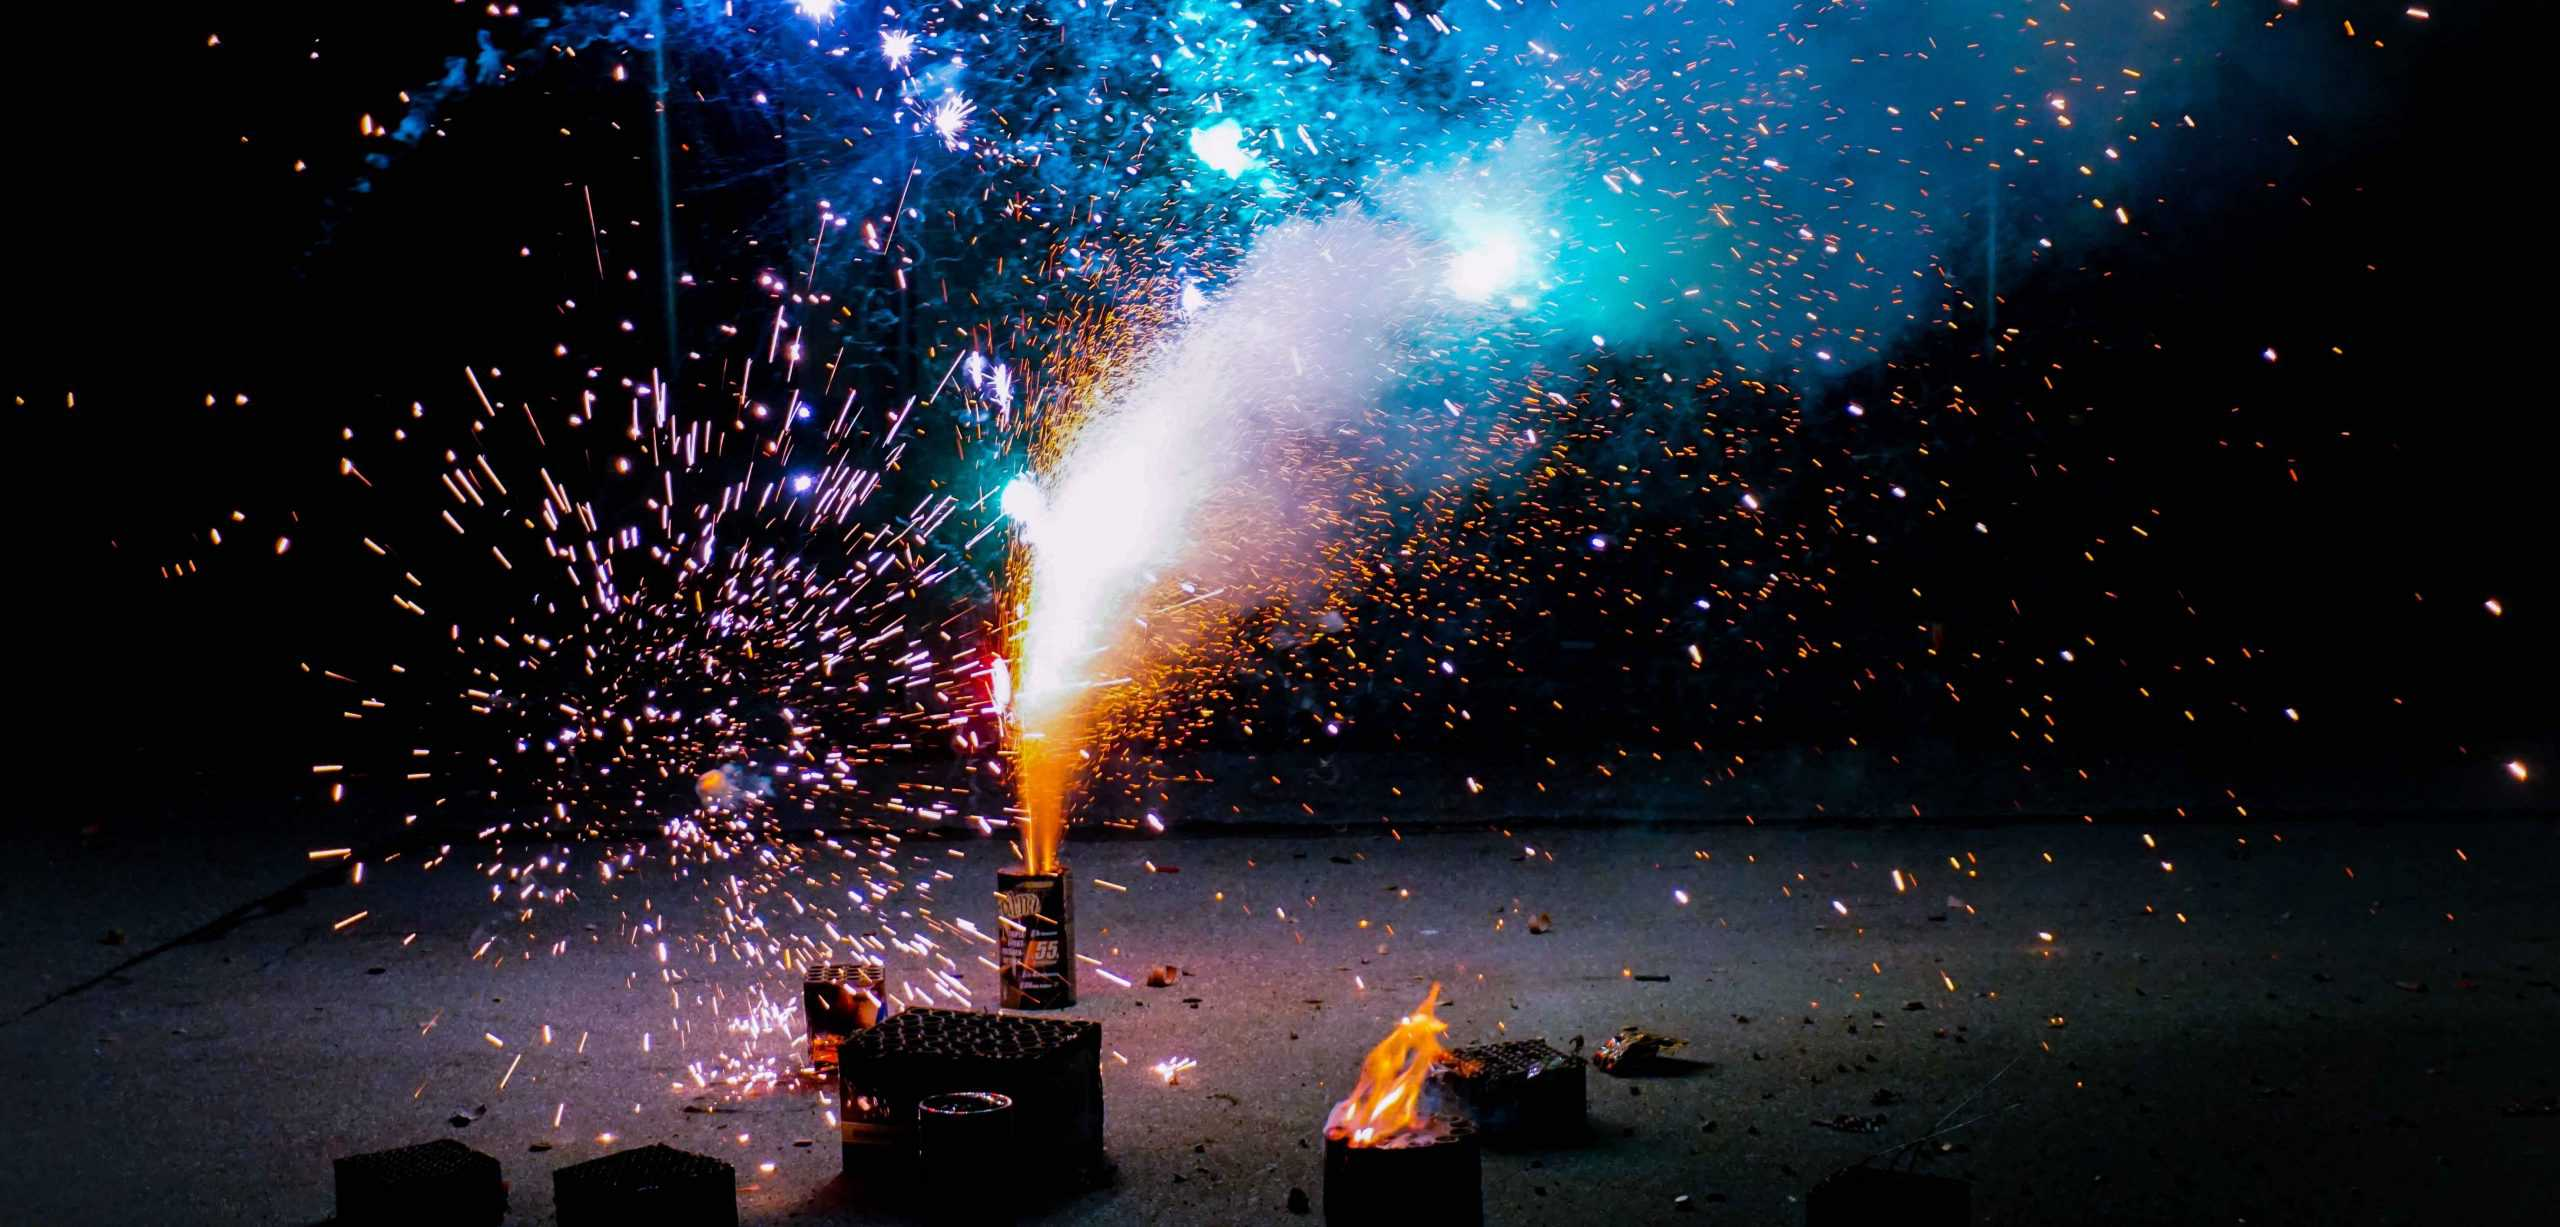 Dinge zum Explodieren zu bringen macht Spaß. Besonders gut für die Umwelt ist es allerdings nicht.